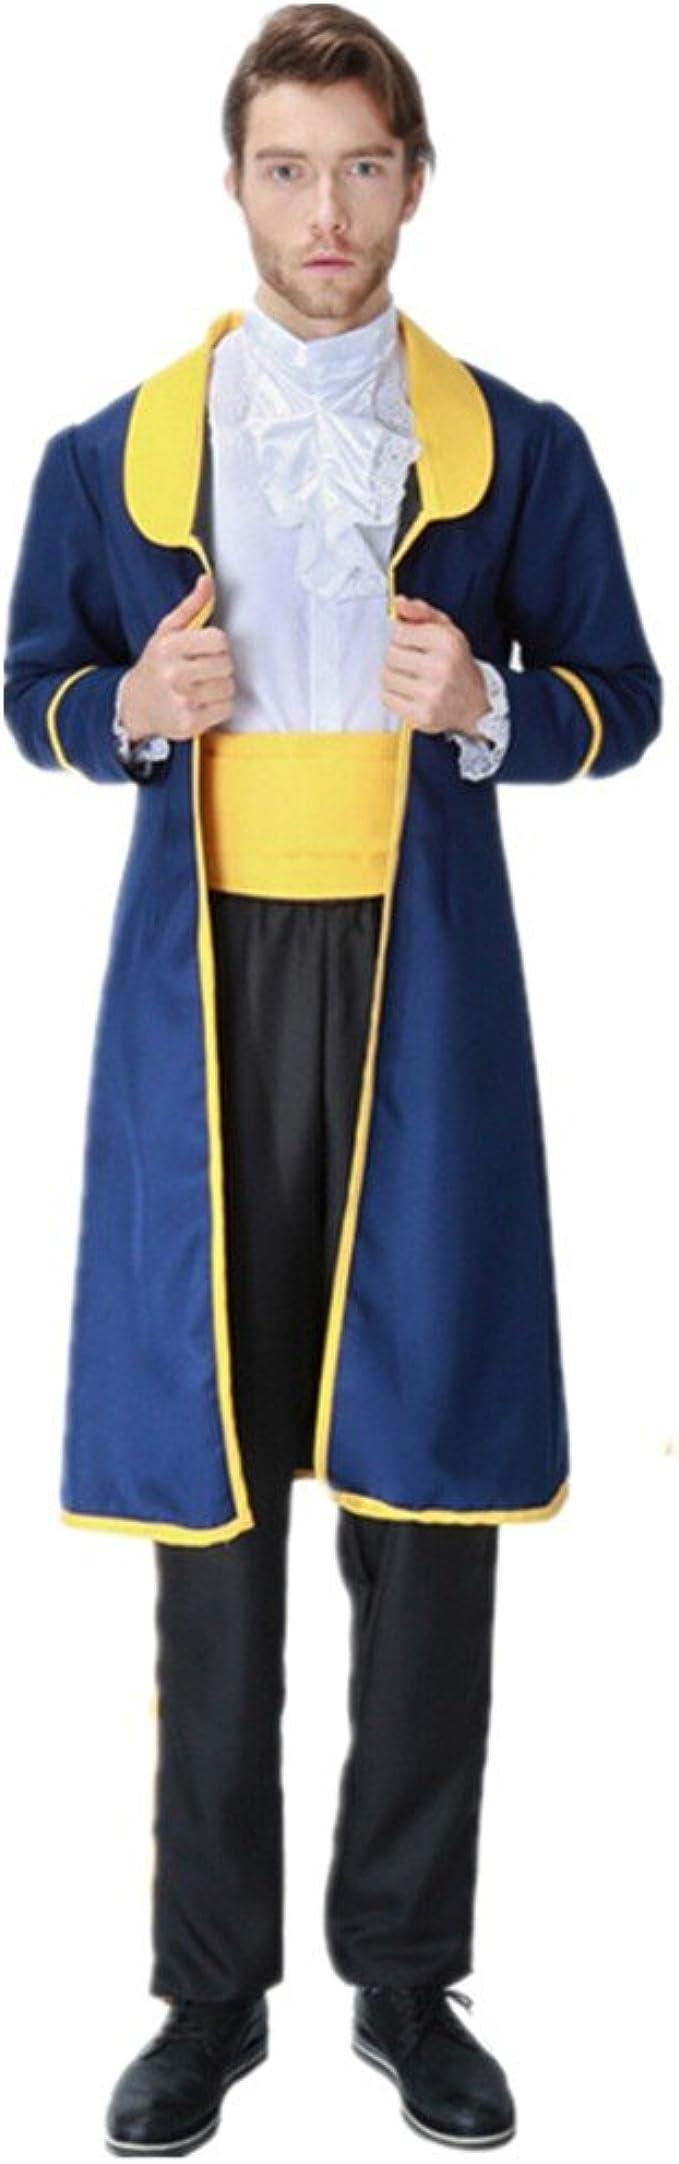 xiemushop Disfraz de Principe para Adulto Cosplay Principe Bestia ...